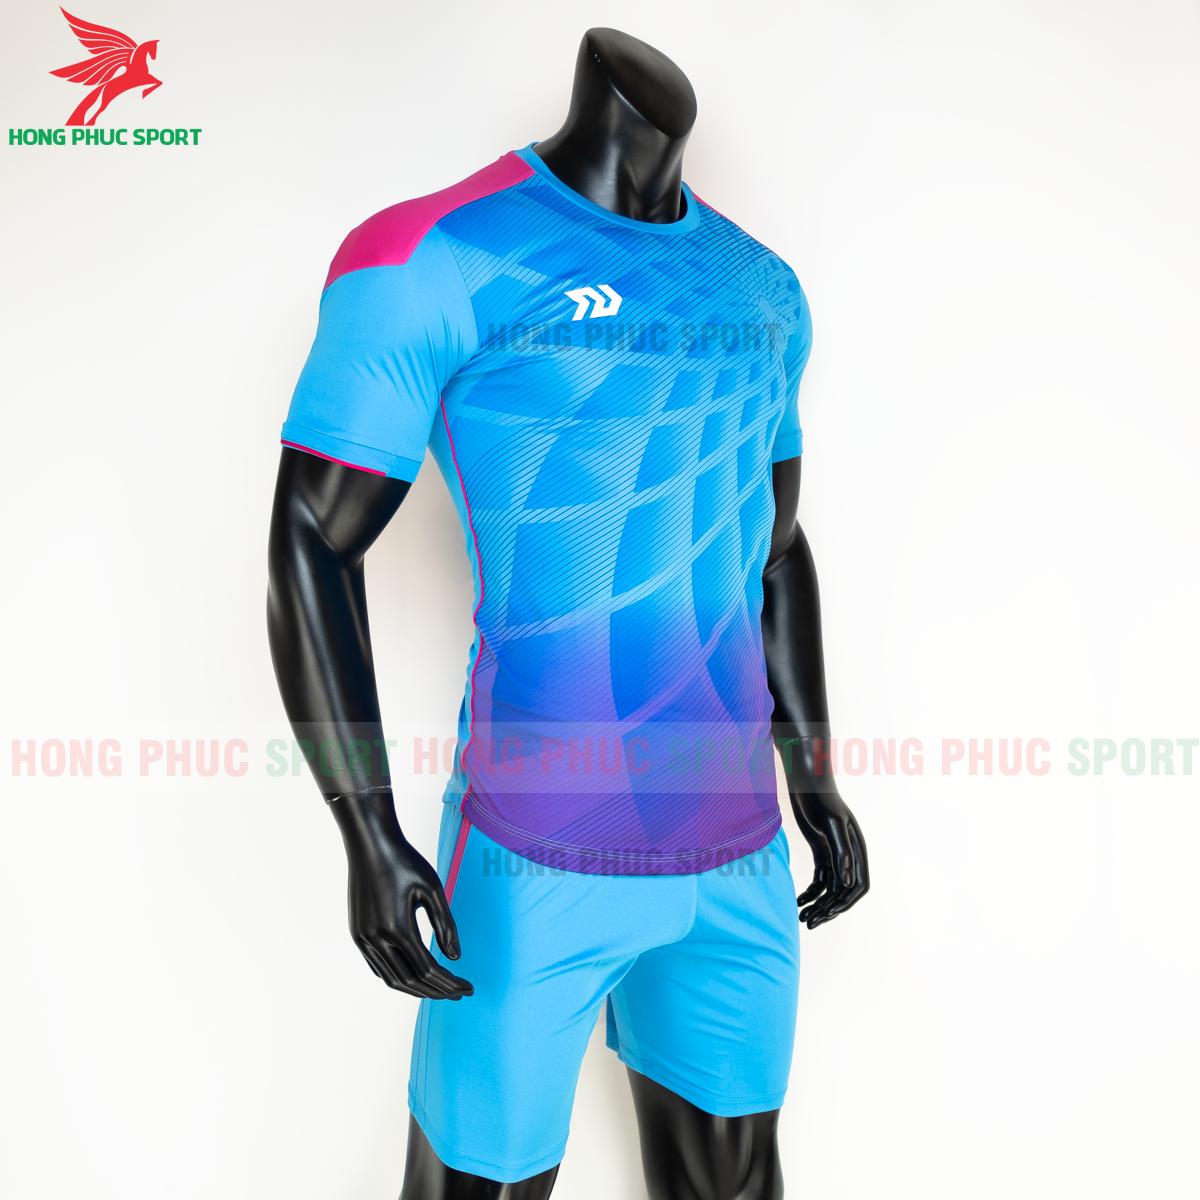 Áo đá banh không logo Bulbal Lotus 2021 màu Xanh (phải)